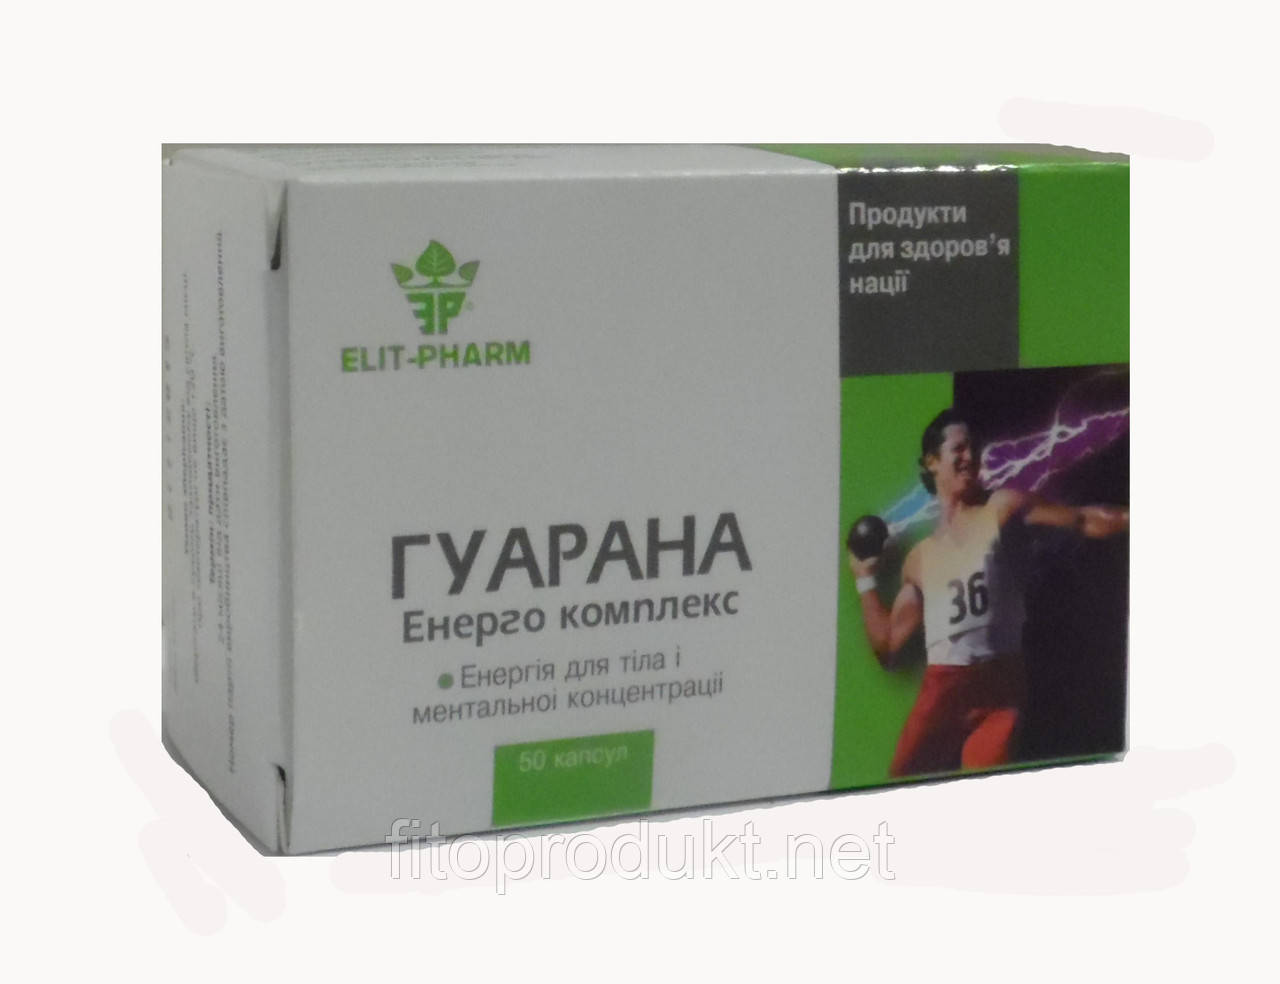 """Природный энергетик """"Энерго комплекс гуарана""""  Элит Фарм"""